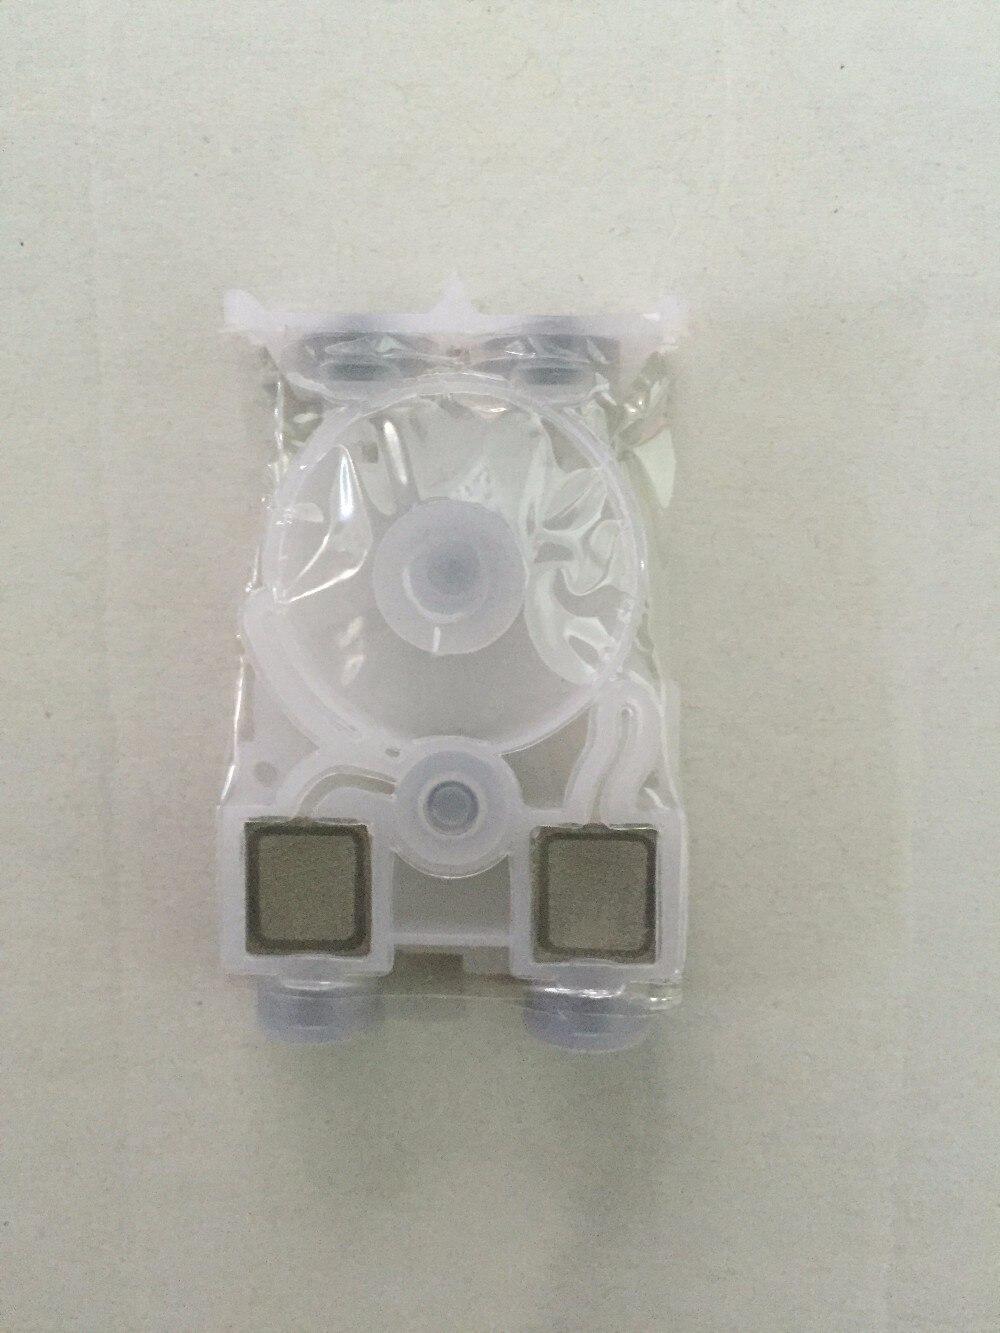 12 in x 30 ft claire 3//16 Canard Marque Original Emballage de protection /à bulles seul Rouleau Le papier /à bulles original 4,8 mm